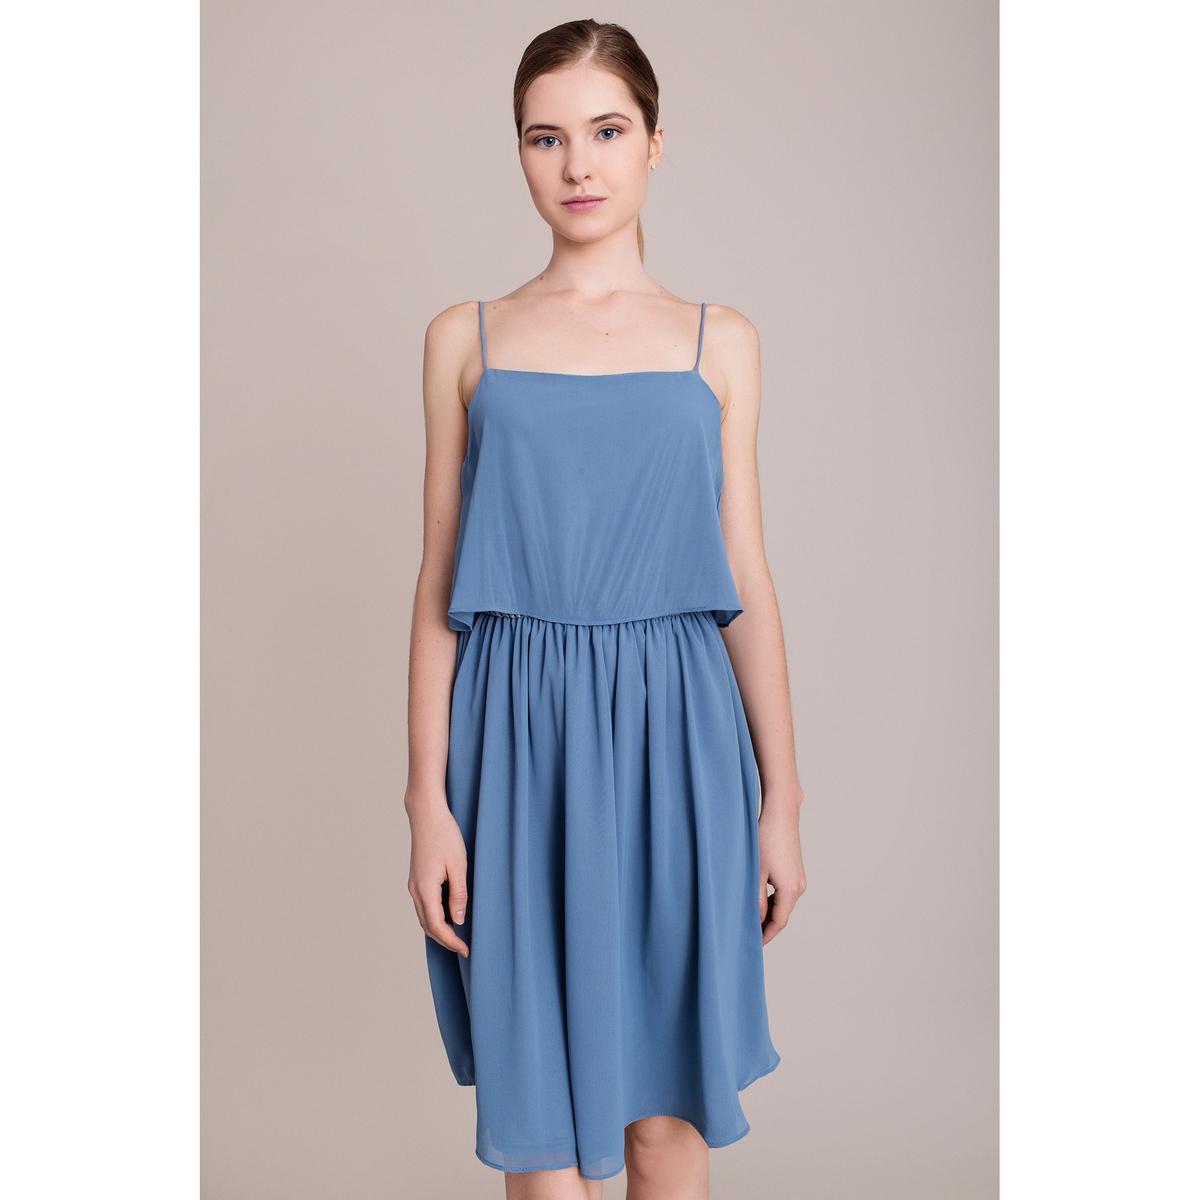 Платье с тонкими бретелямиПлатье MIGLE+ME. Высокий волан. Эластичный пояс. Характеристики и описание        Материал         100% полиэстера        Марка    MIGLE+ME<br><br>Цвет: синий